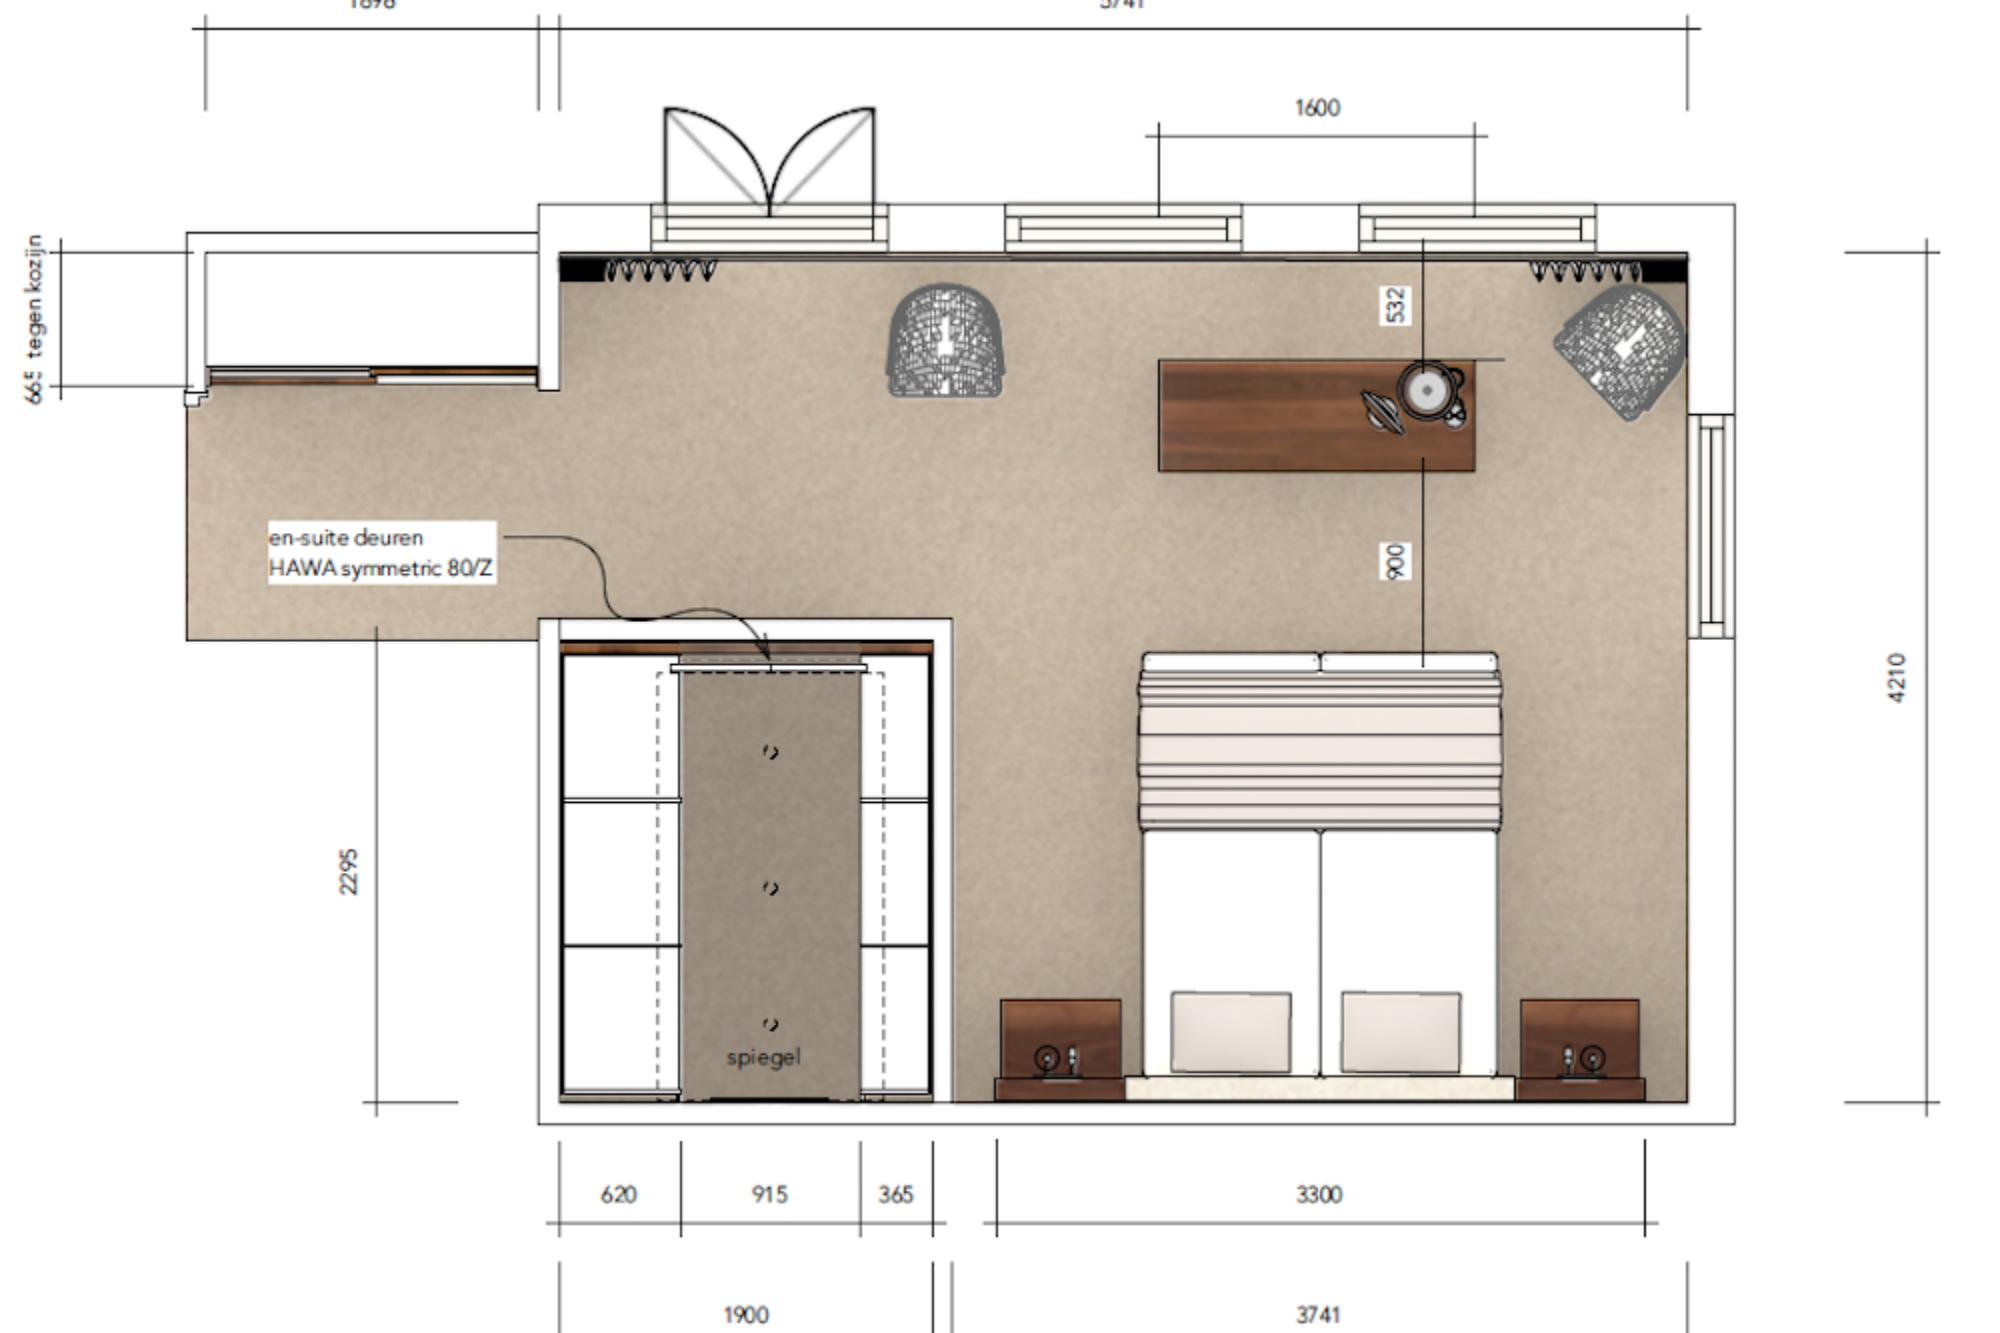 senioren-slaapkamer-plattegrond